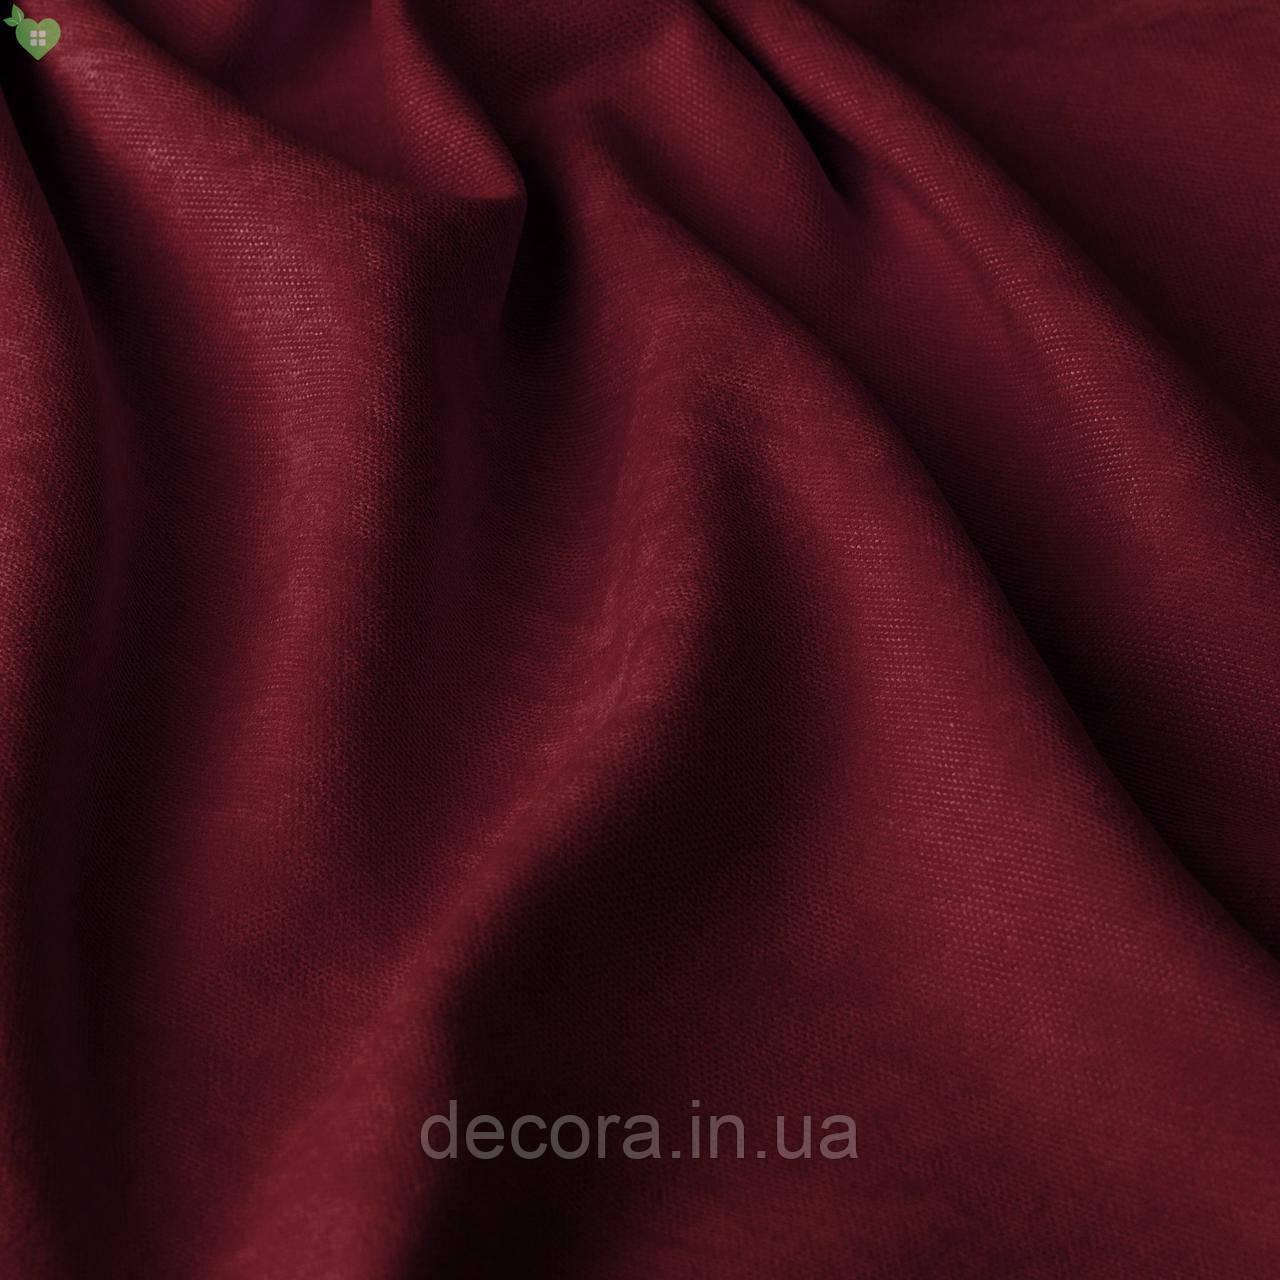 Римська штора із однотонної тканини велюр, бордовий 121000v9